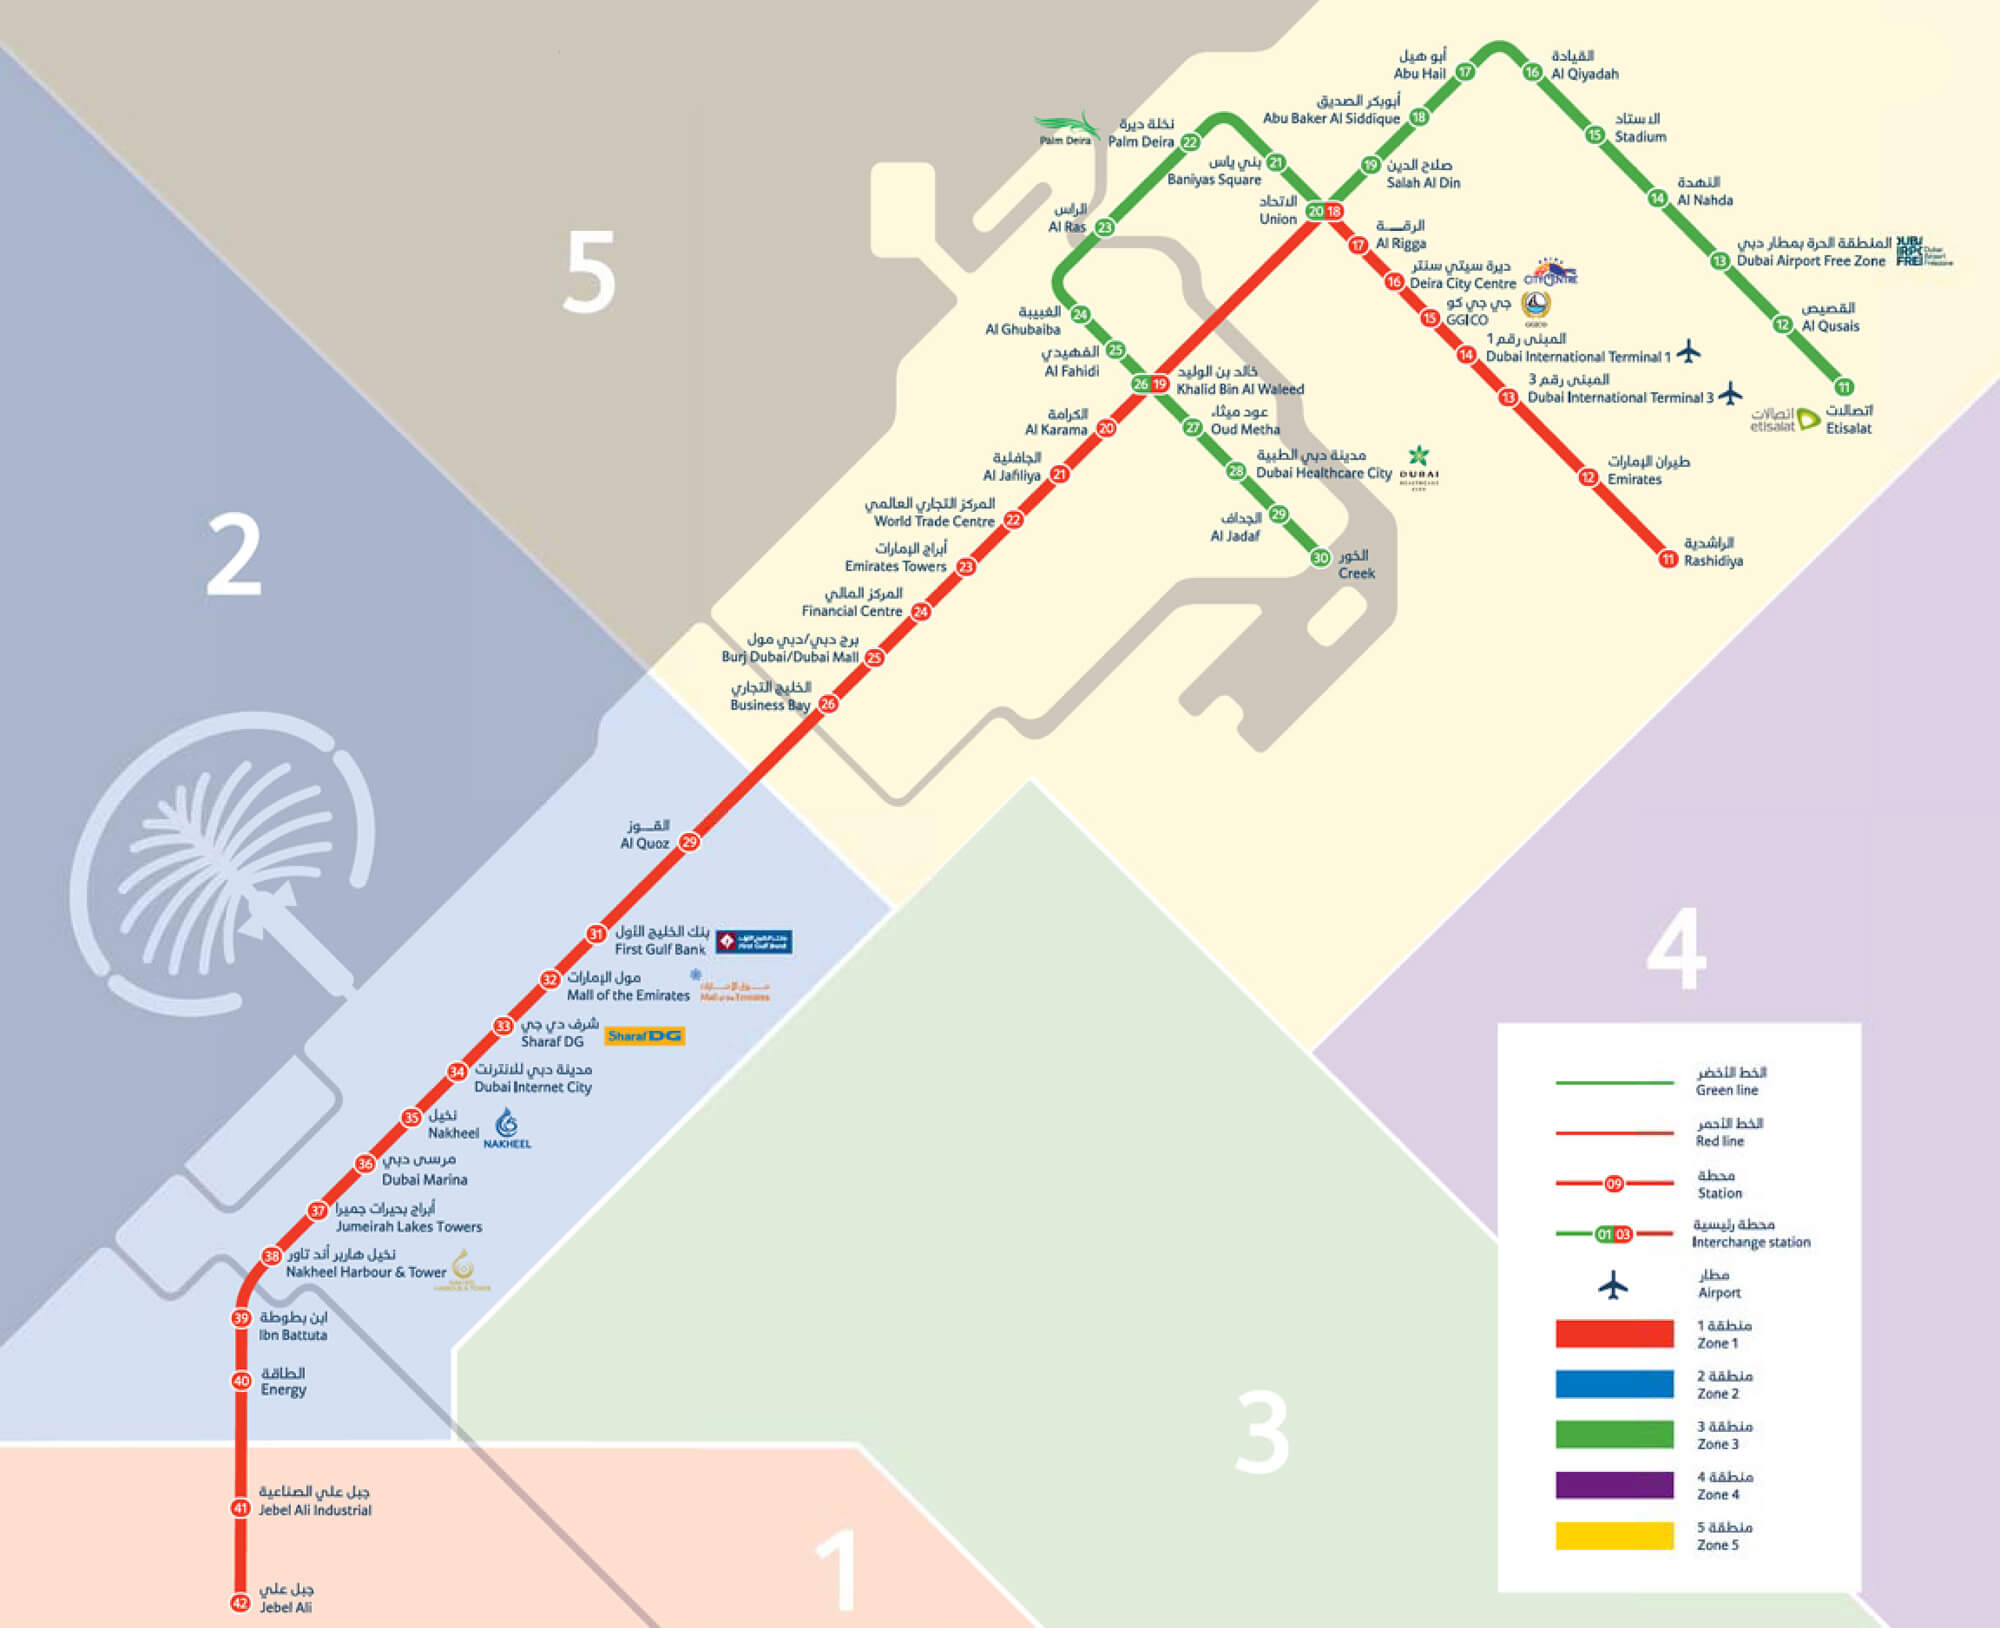 Территориально Дубай поделен на шесть зон